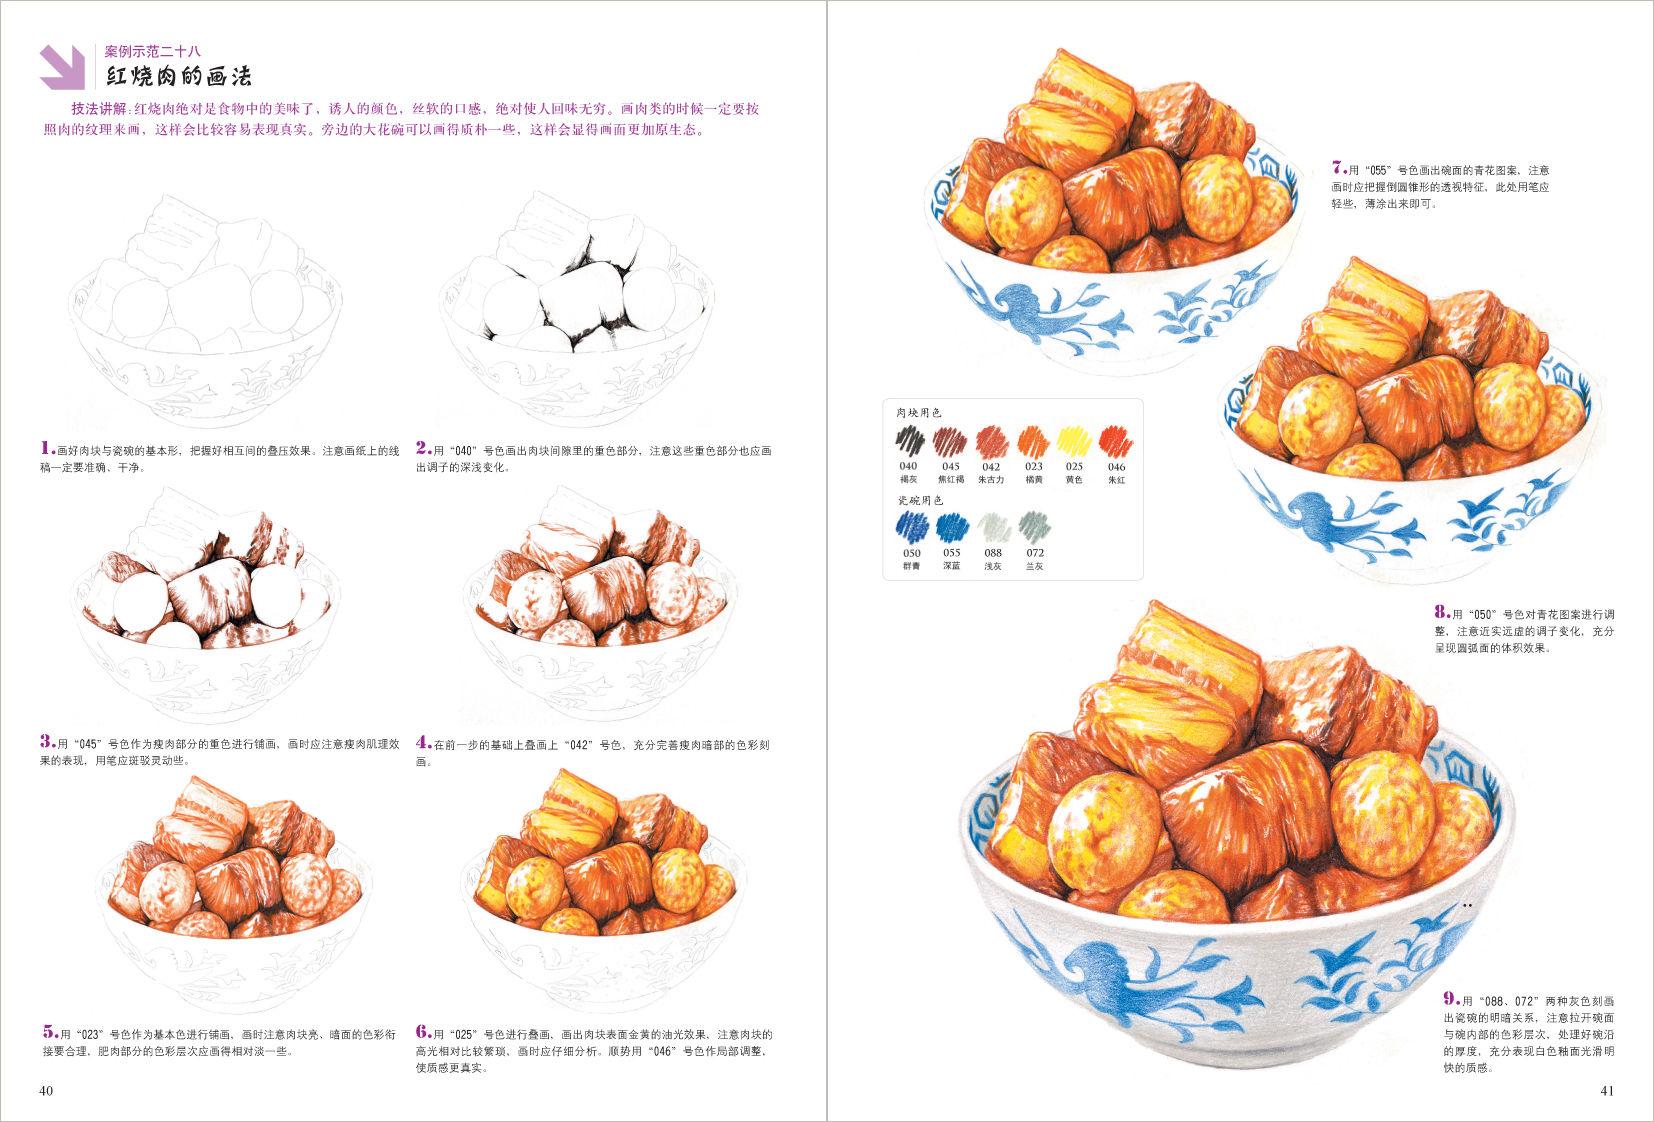 正版彩色铅笔画·鲜美食物绘手绘彩铅从入门到精通彩色铅笔画书儿童